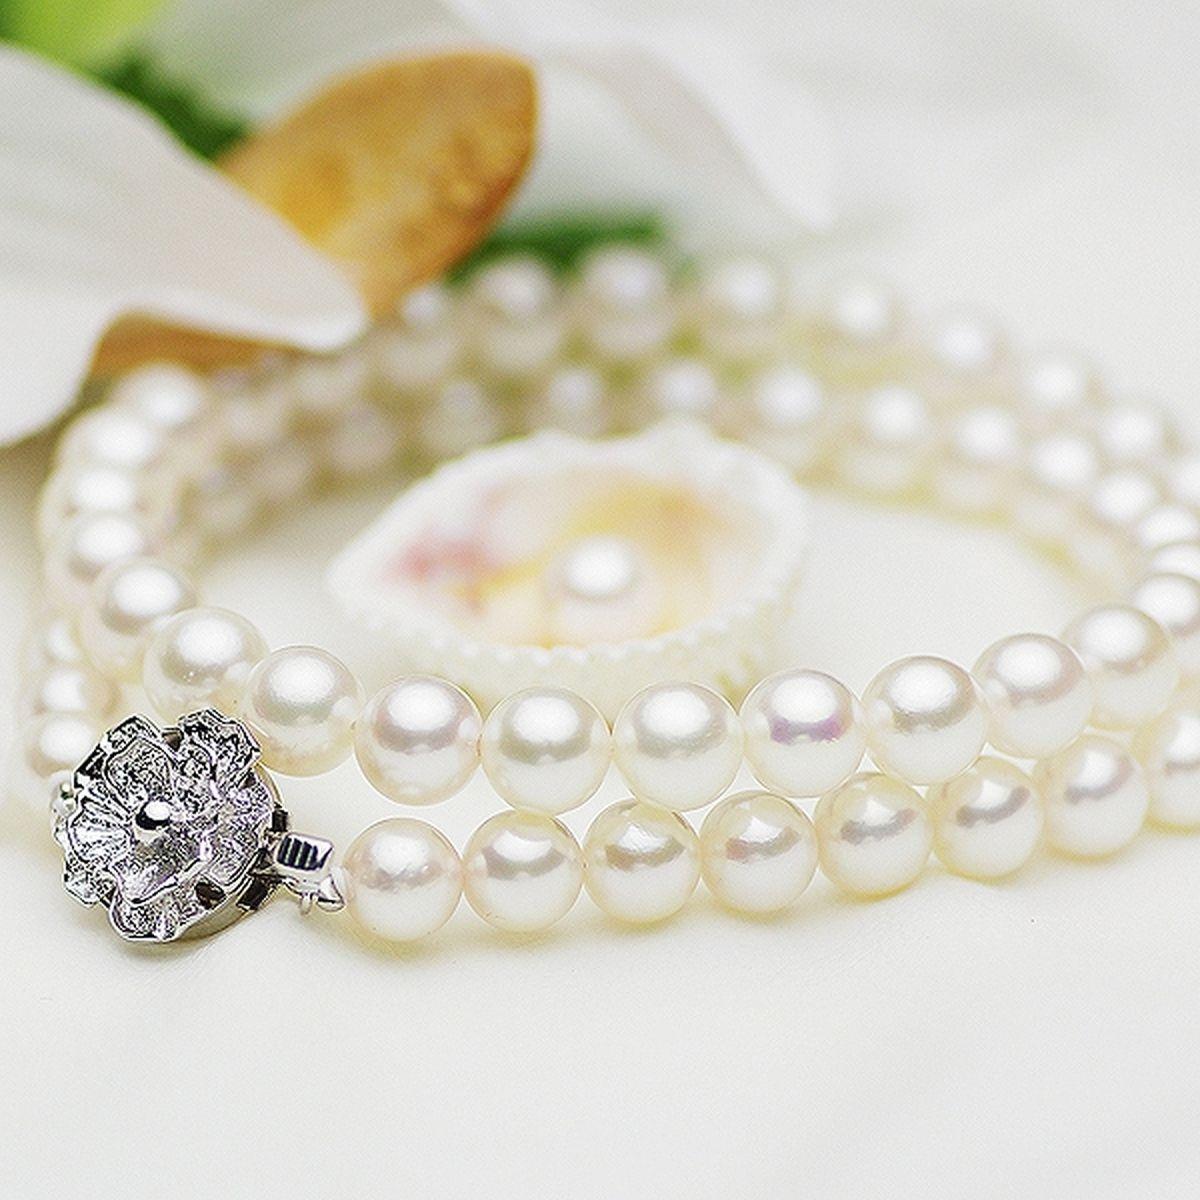 アコヤ 真珠 ピアス ネックレス セット 約7.0-7.5mmの写真